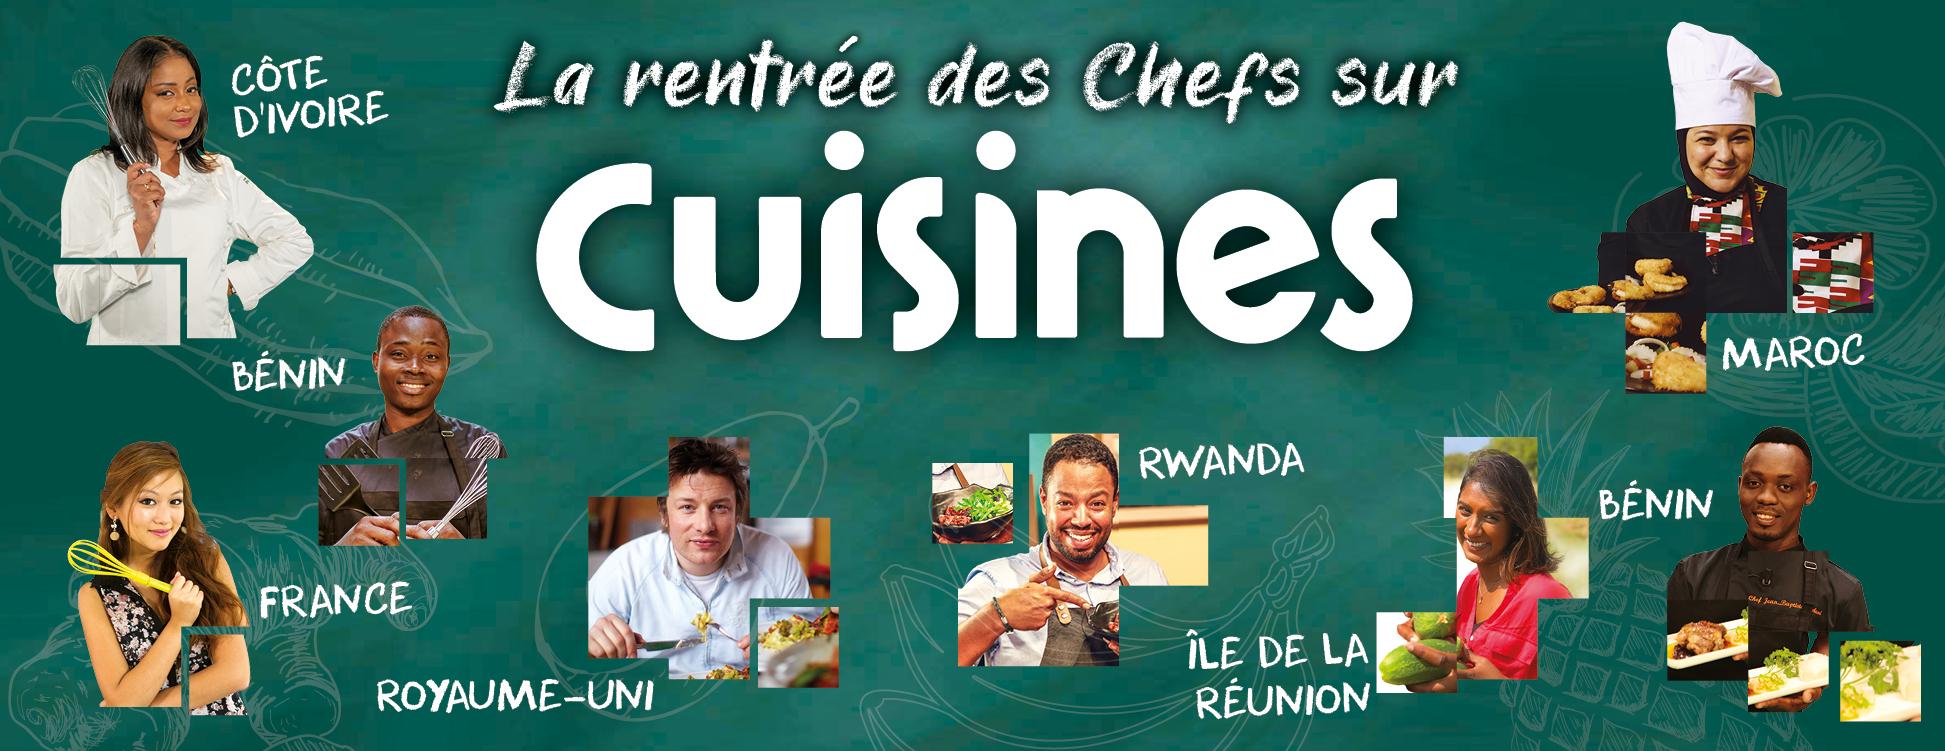 La rentrée des chefs sur Cuisines avec Jamie Oliver, Prisca Gilbert, John Goffin